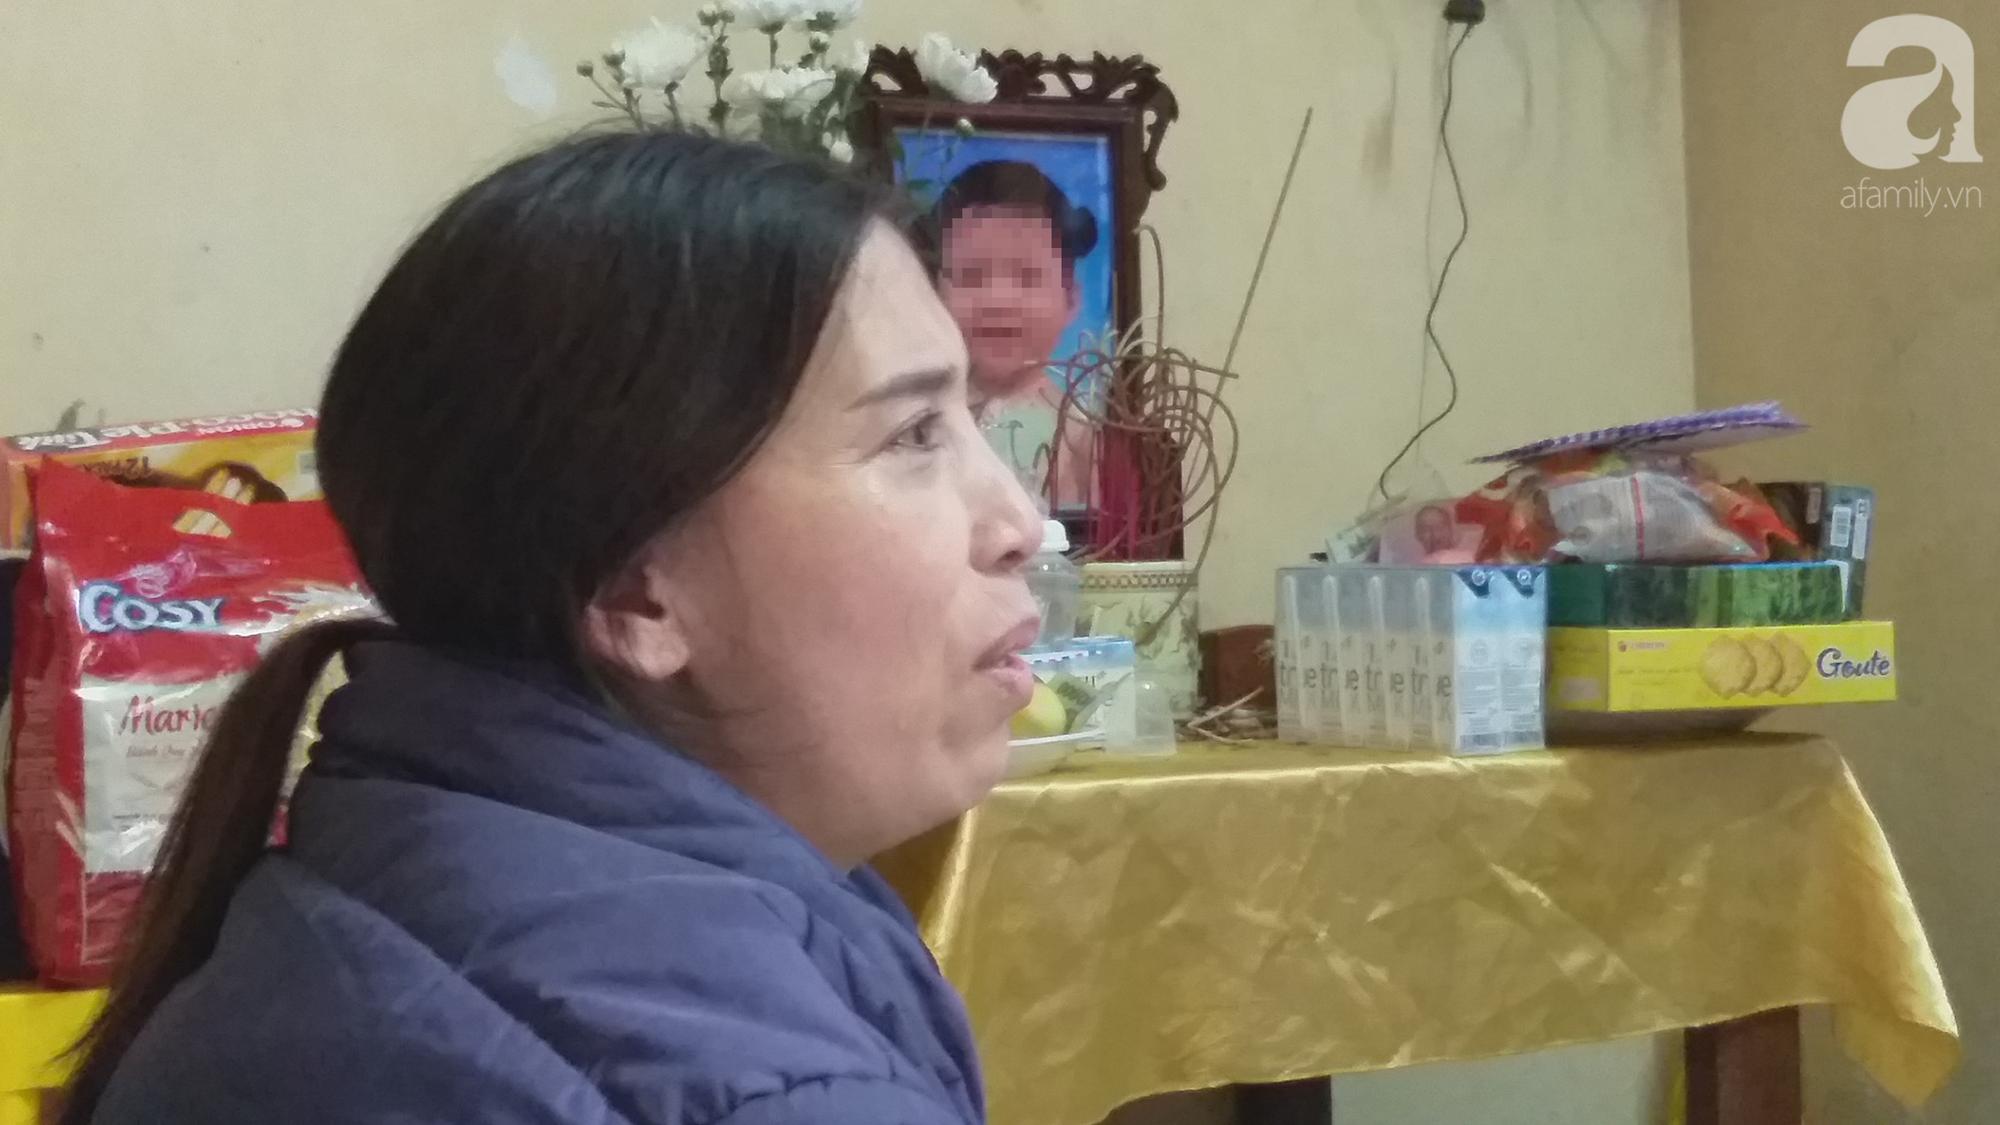 Vụ bé gái 3 tuổi tử vong nghi bị bạo hành: Bà ngoại chua xót kể về đứa con gái bất trị - Ảnh 1